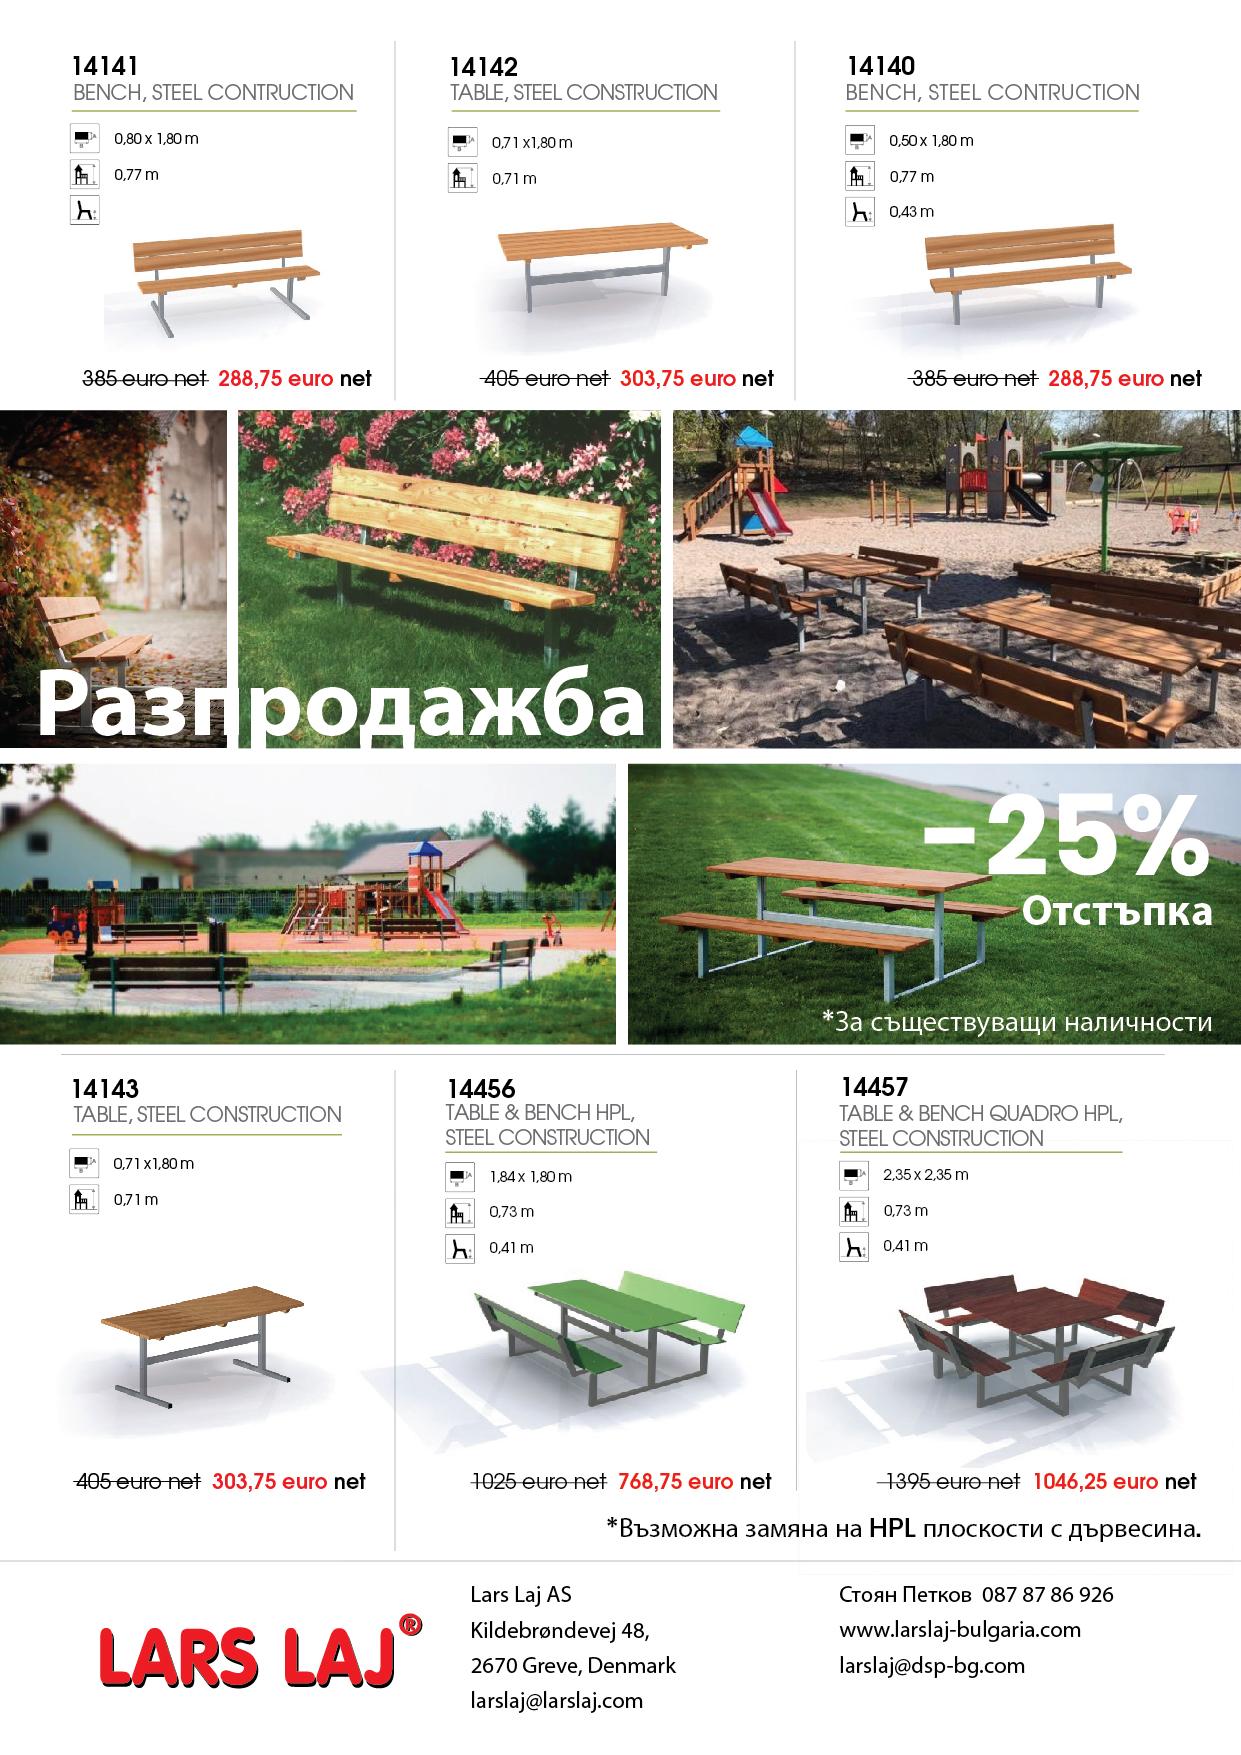 Lars Laj Разпродажба -25%